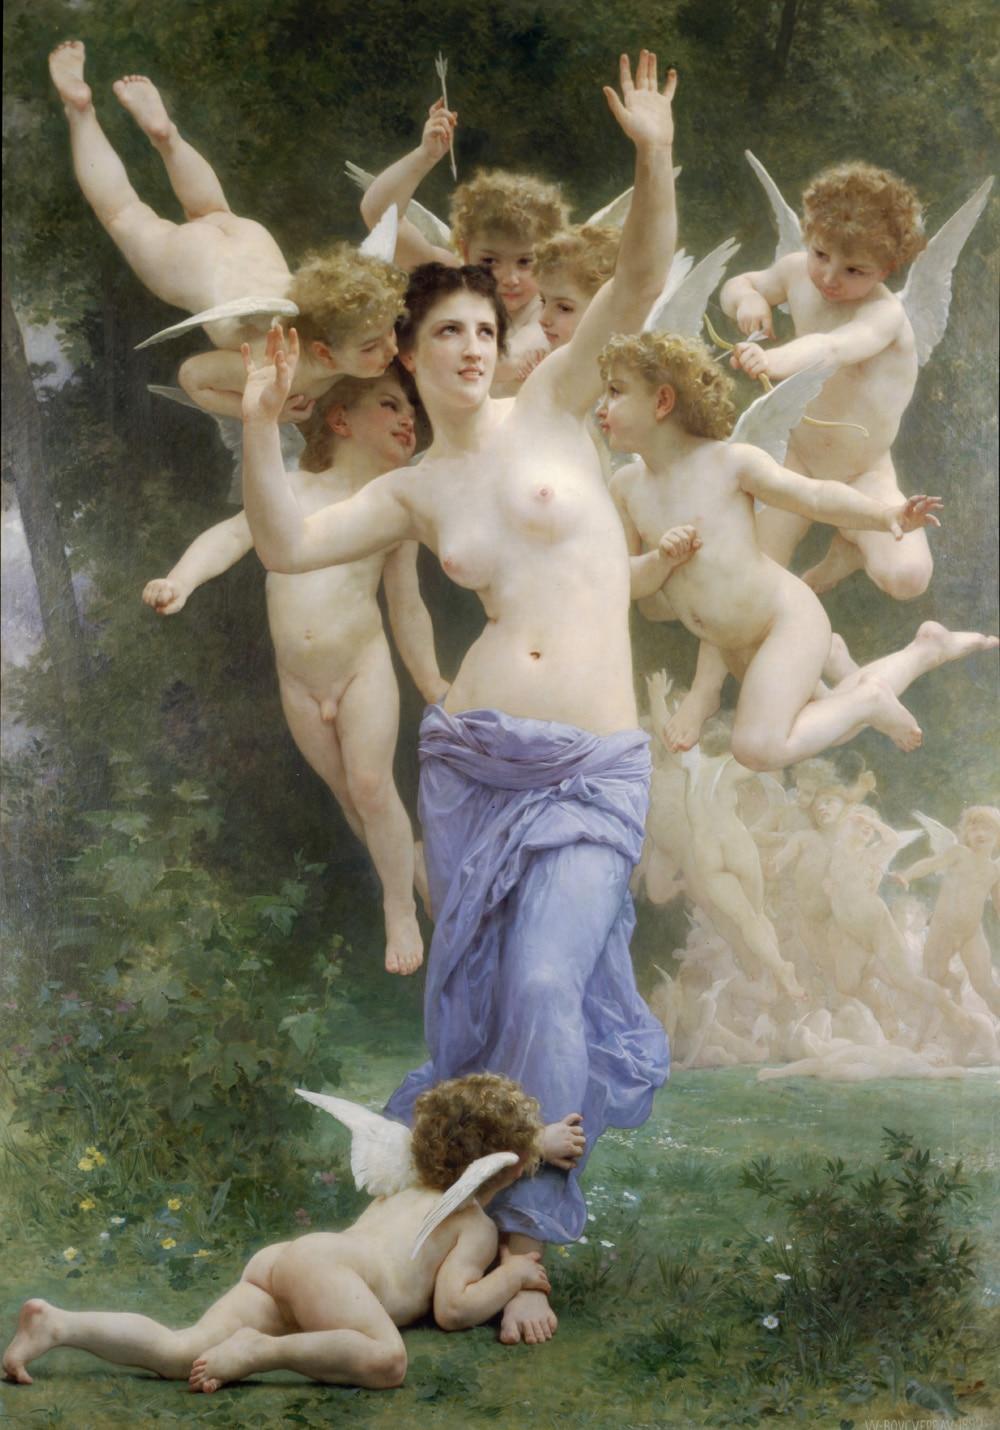 Pintura a Óleo da Lona Custo de Transporte nu a Madonna com Anjos Pintura Atacado Qualidade Polegadas Top Art Arte – Gratuito Boa 36